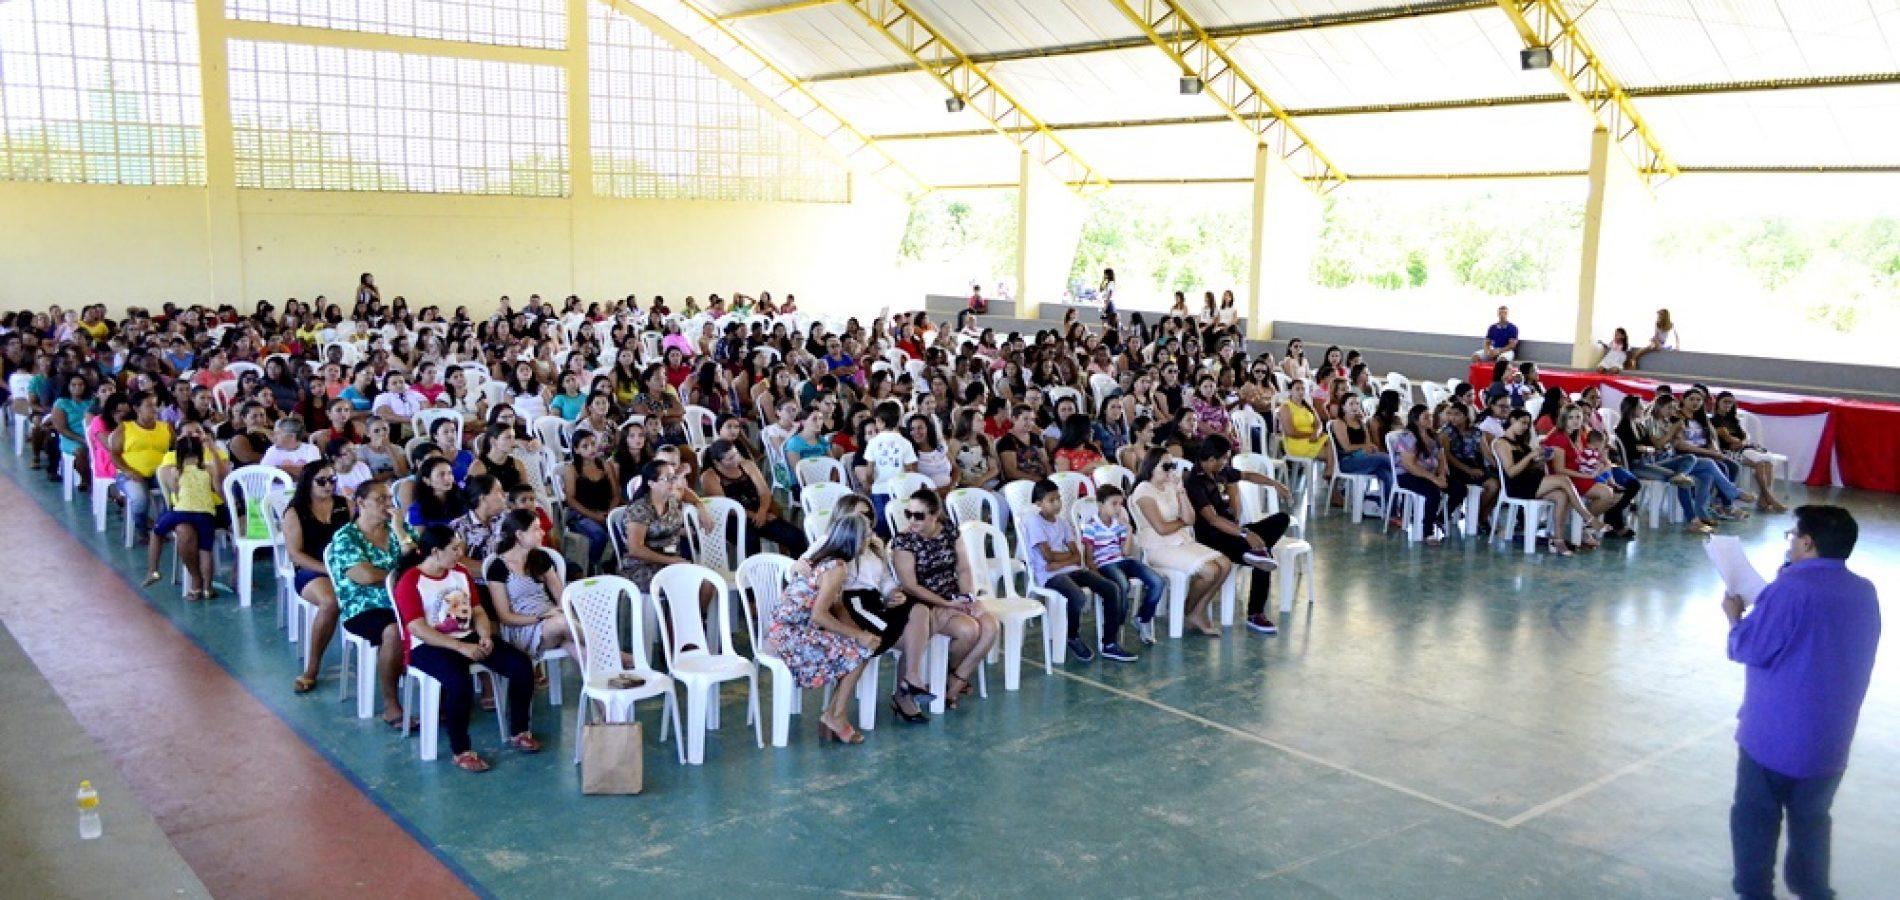 FOTOS | Evento do Dia das Mães em Belém do Piauí